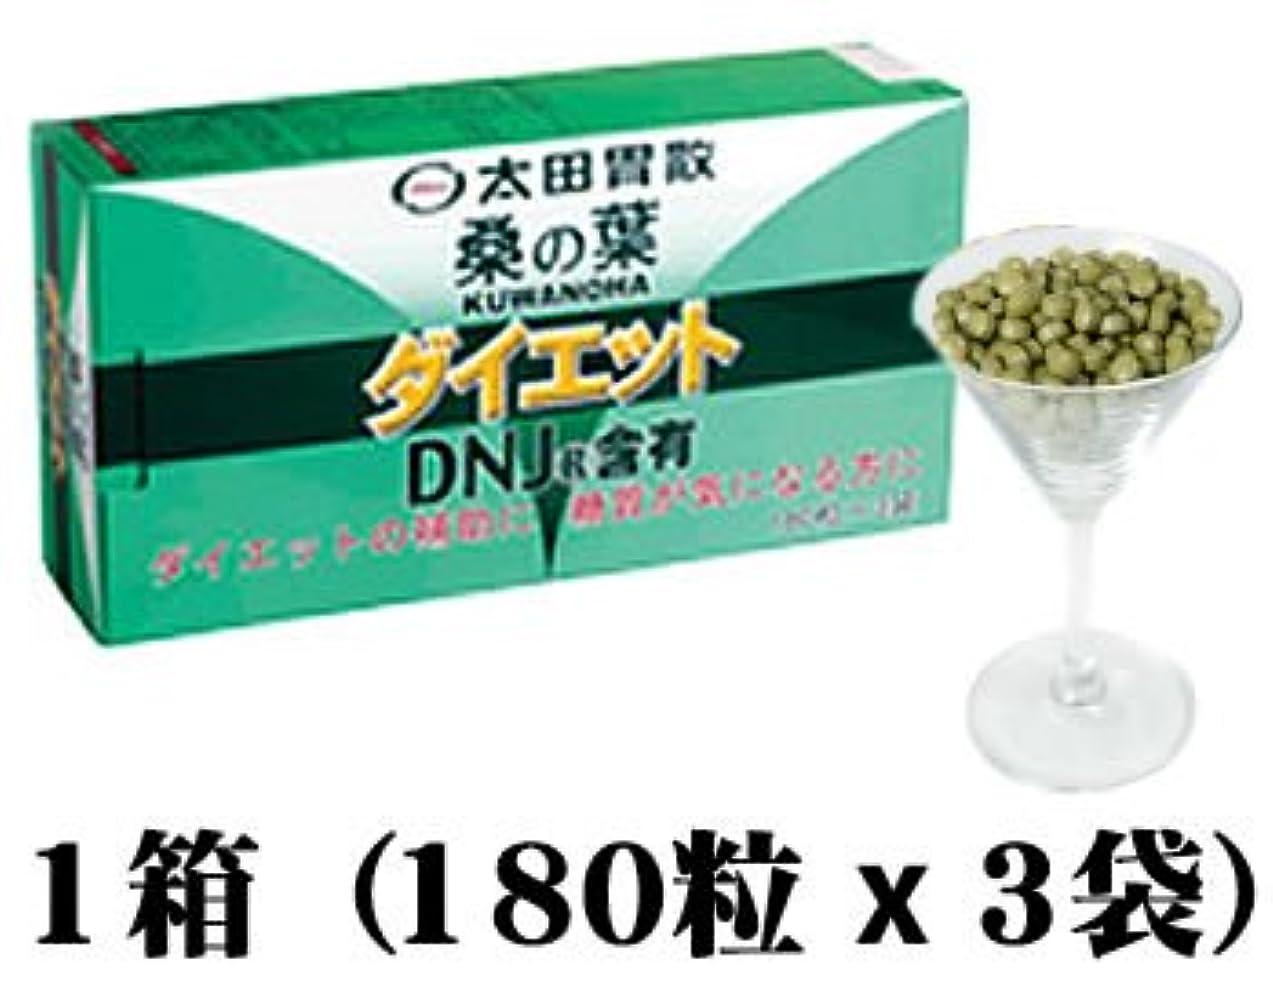 不幸まっすぐ悪夢太田胃散 桑の葉ダイエット詰替用(180粒×3袋入)